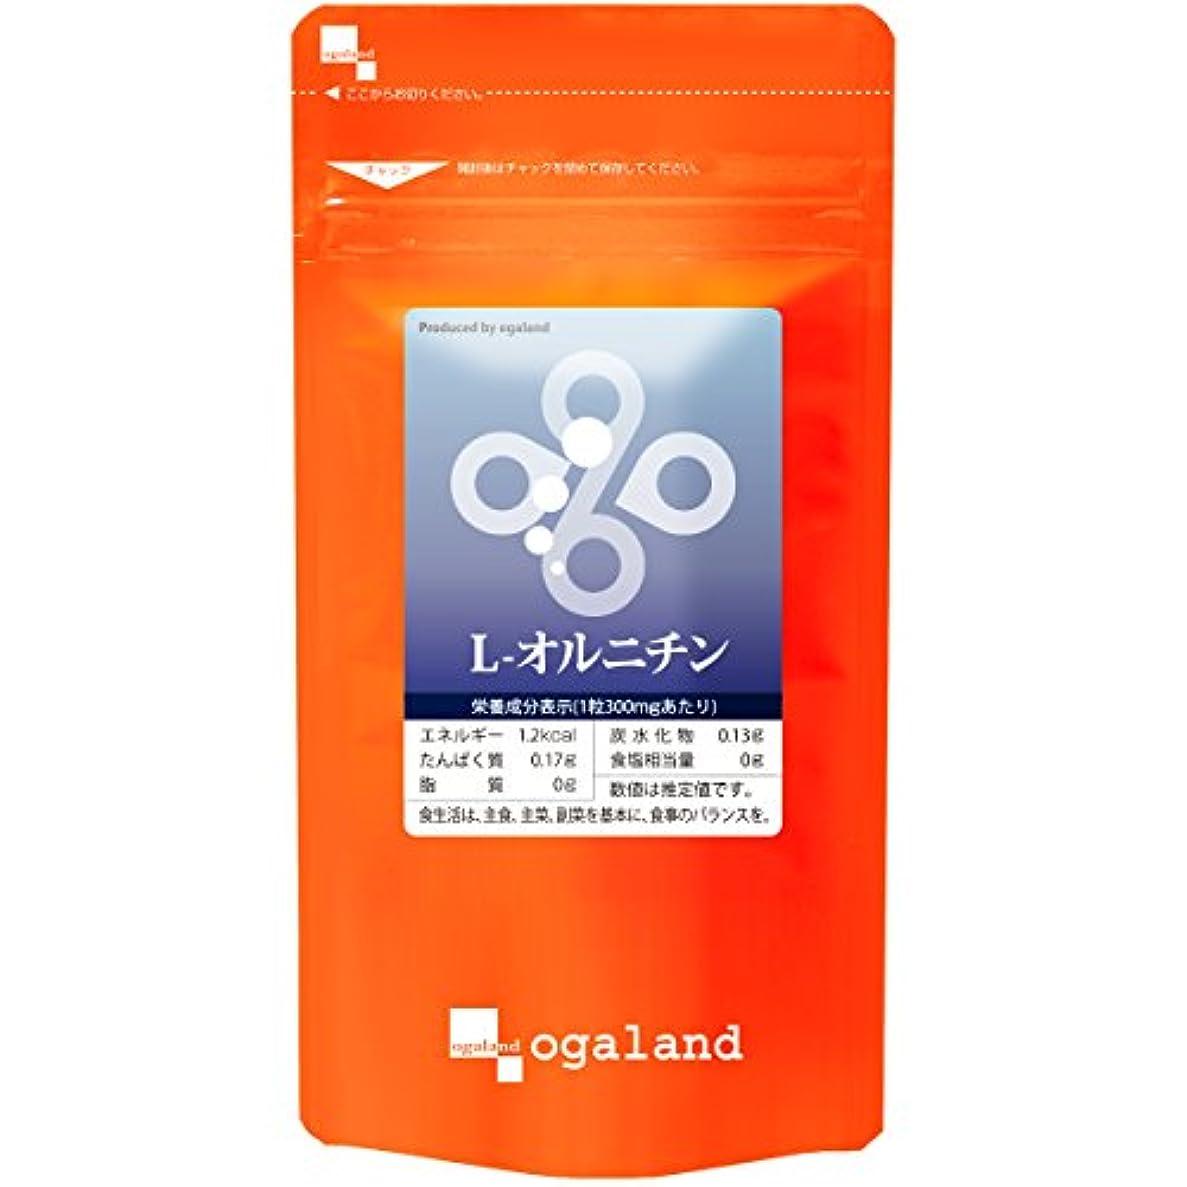 負カウボーイちょうつがいお徳用L- オルニチン (270粒/約3ヶ月分)